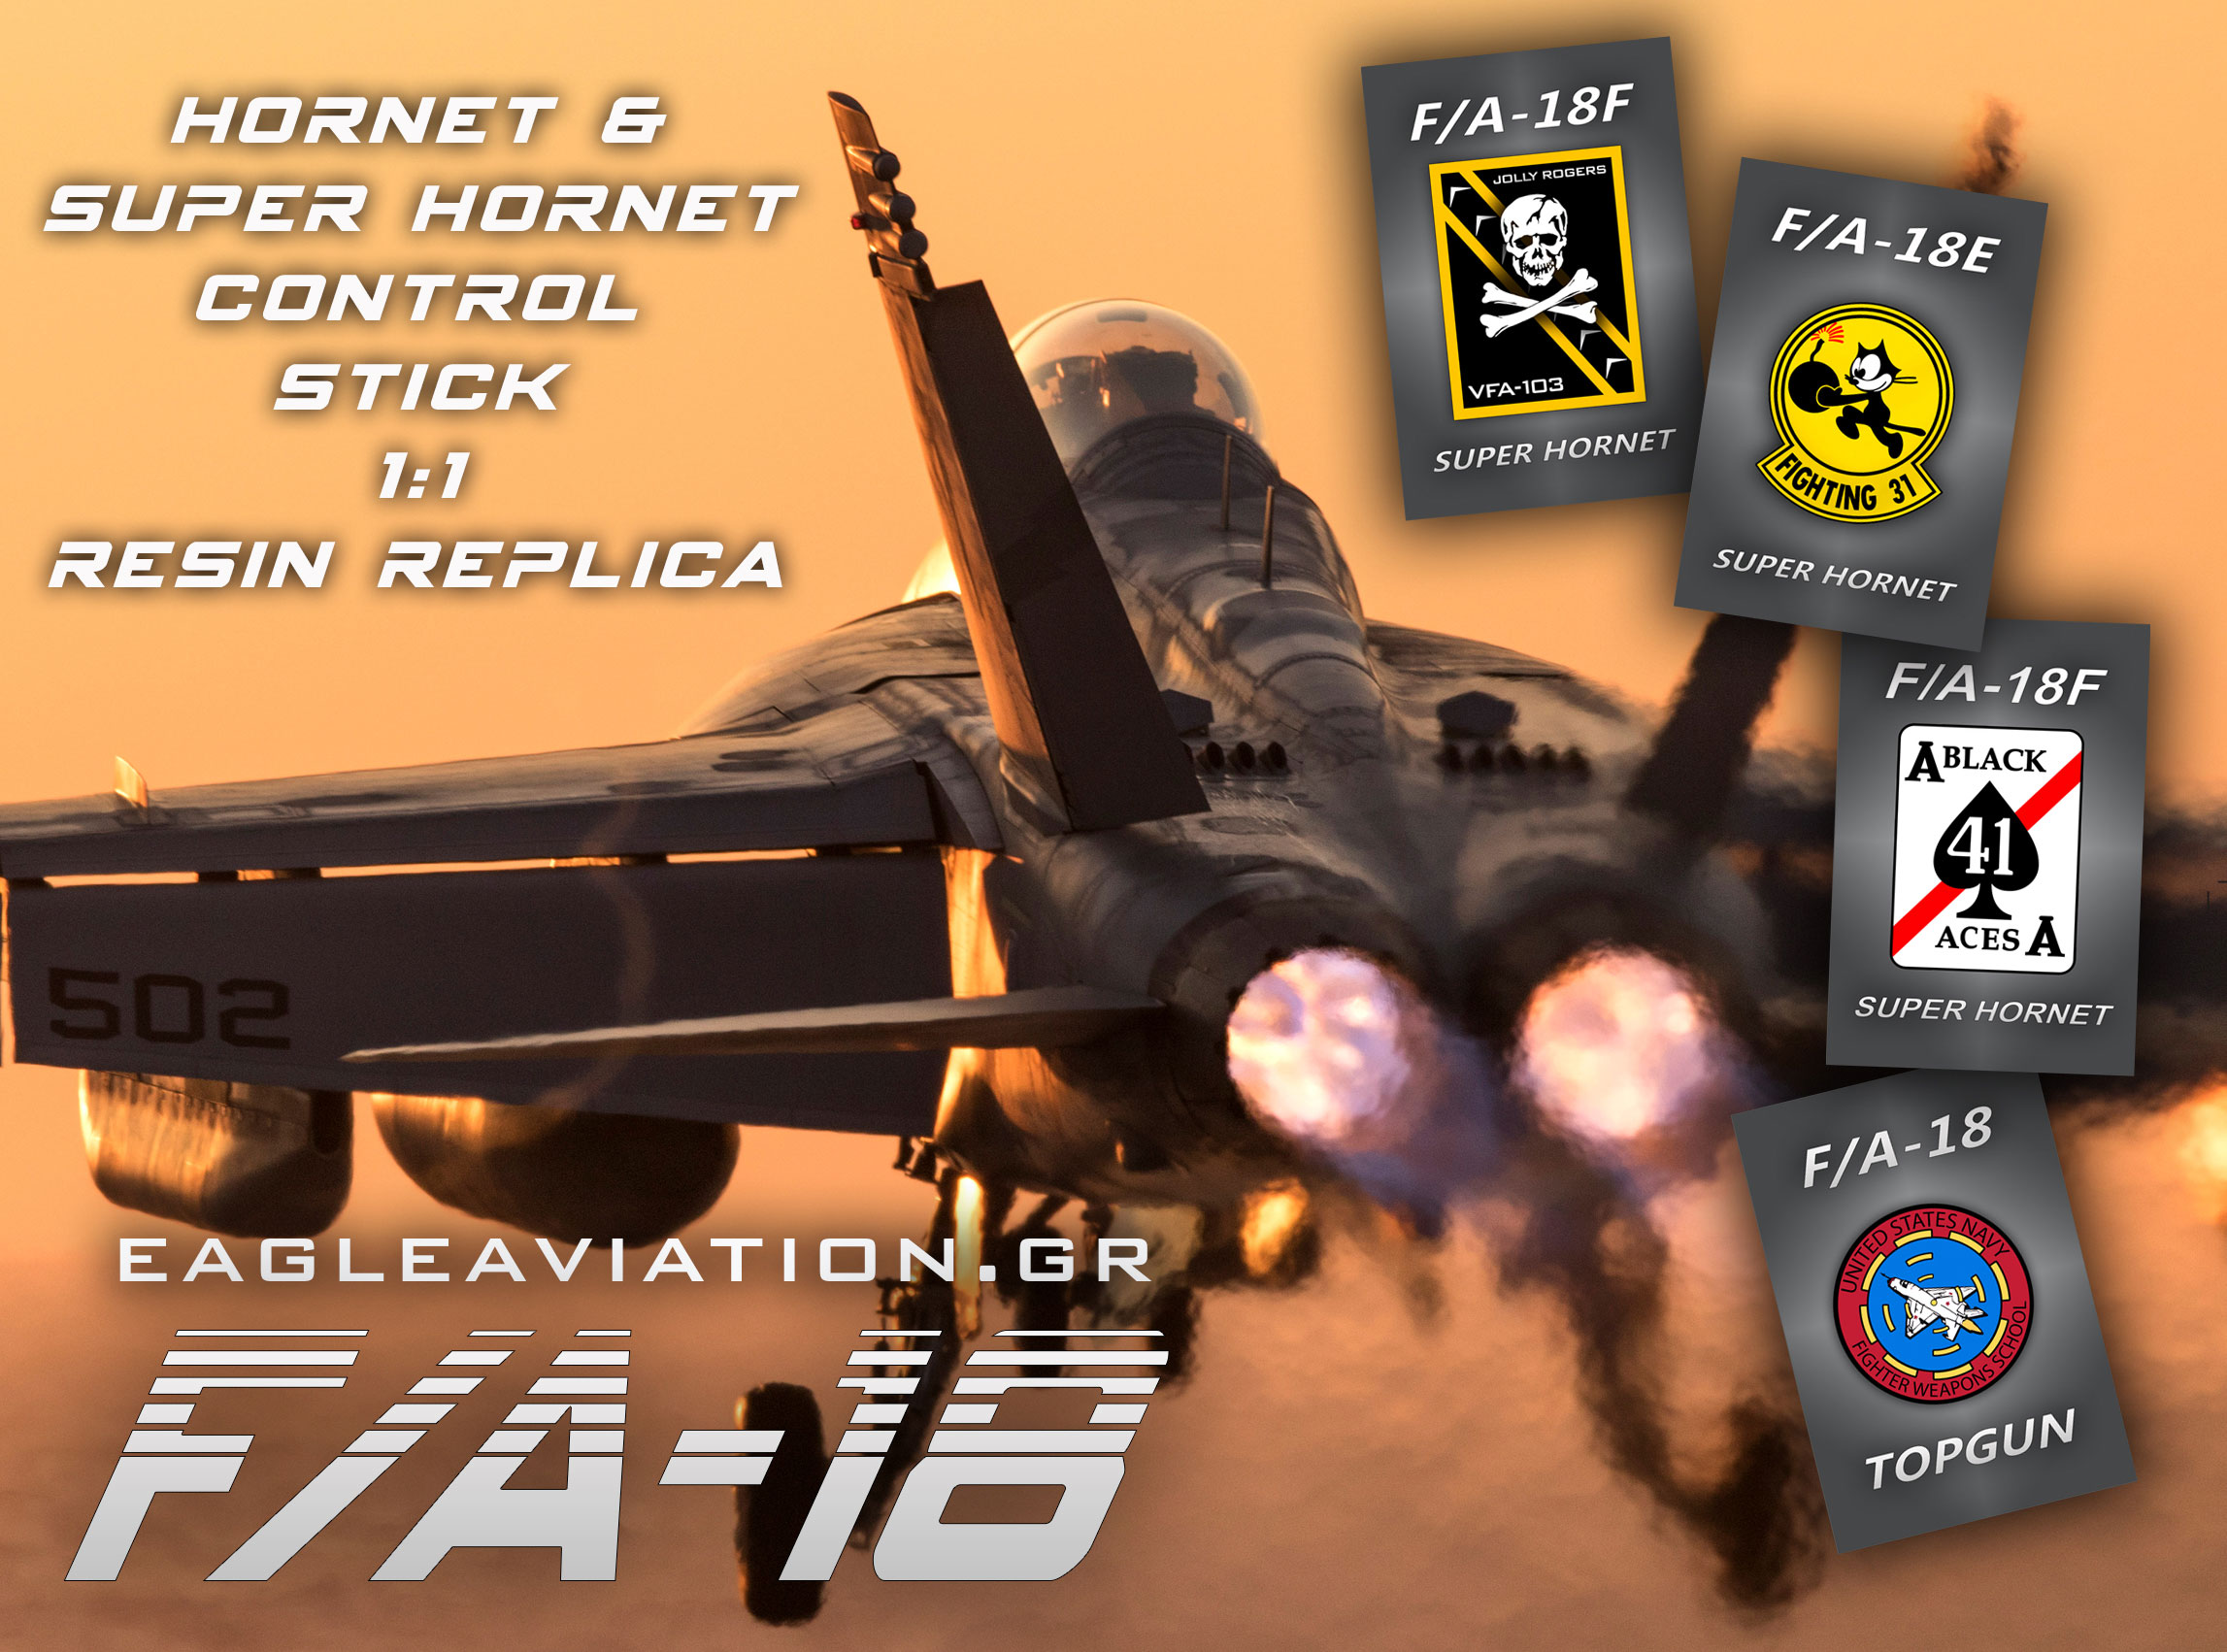 Eagle_002